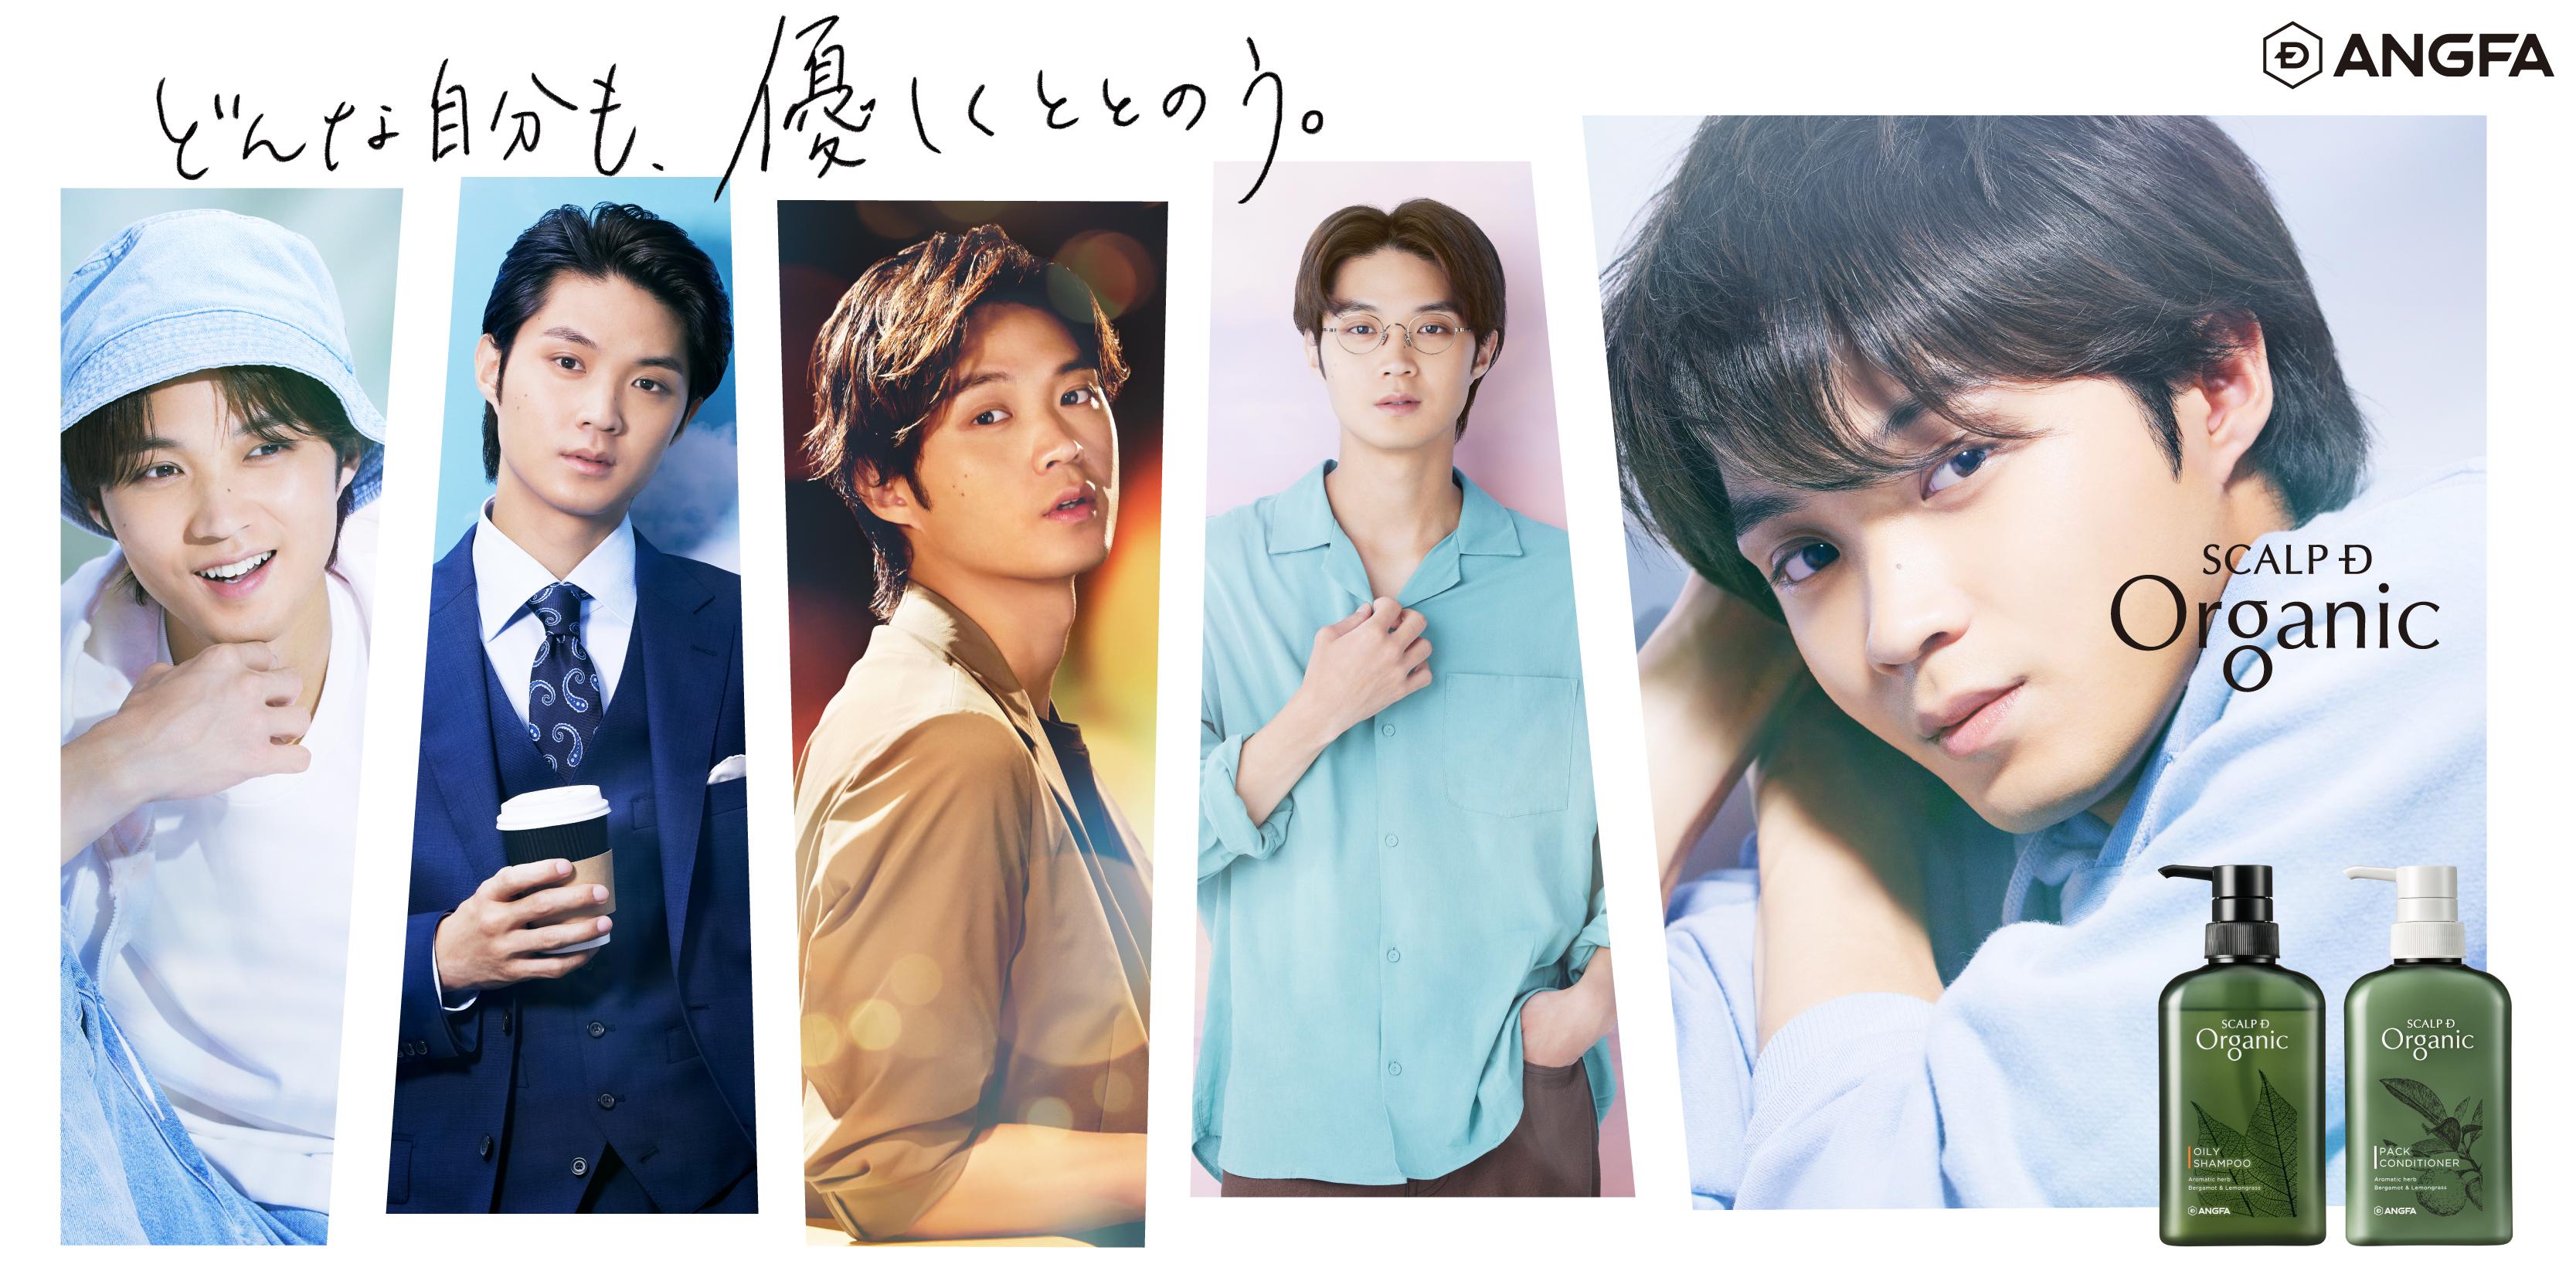 スカルプDが新ブランドのメインキャラクターに俳優の磯村勇斗さんを起用 5人のキャラクターを見事に演じわける、カメレオンぶりに注目! 新ブランド「スカルプD オーガニック」のWEBCMを9月15日(水)より公開